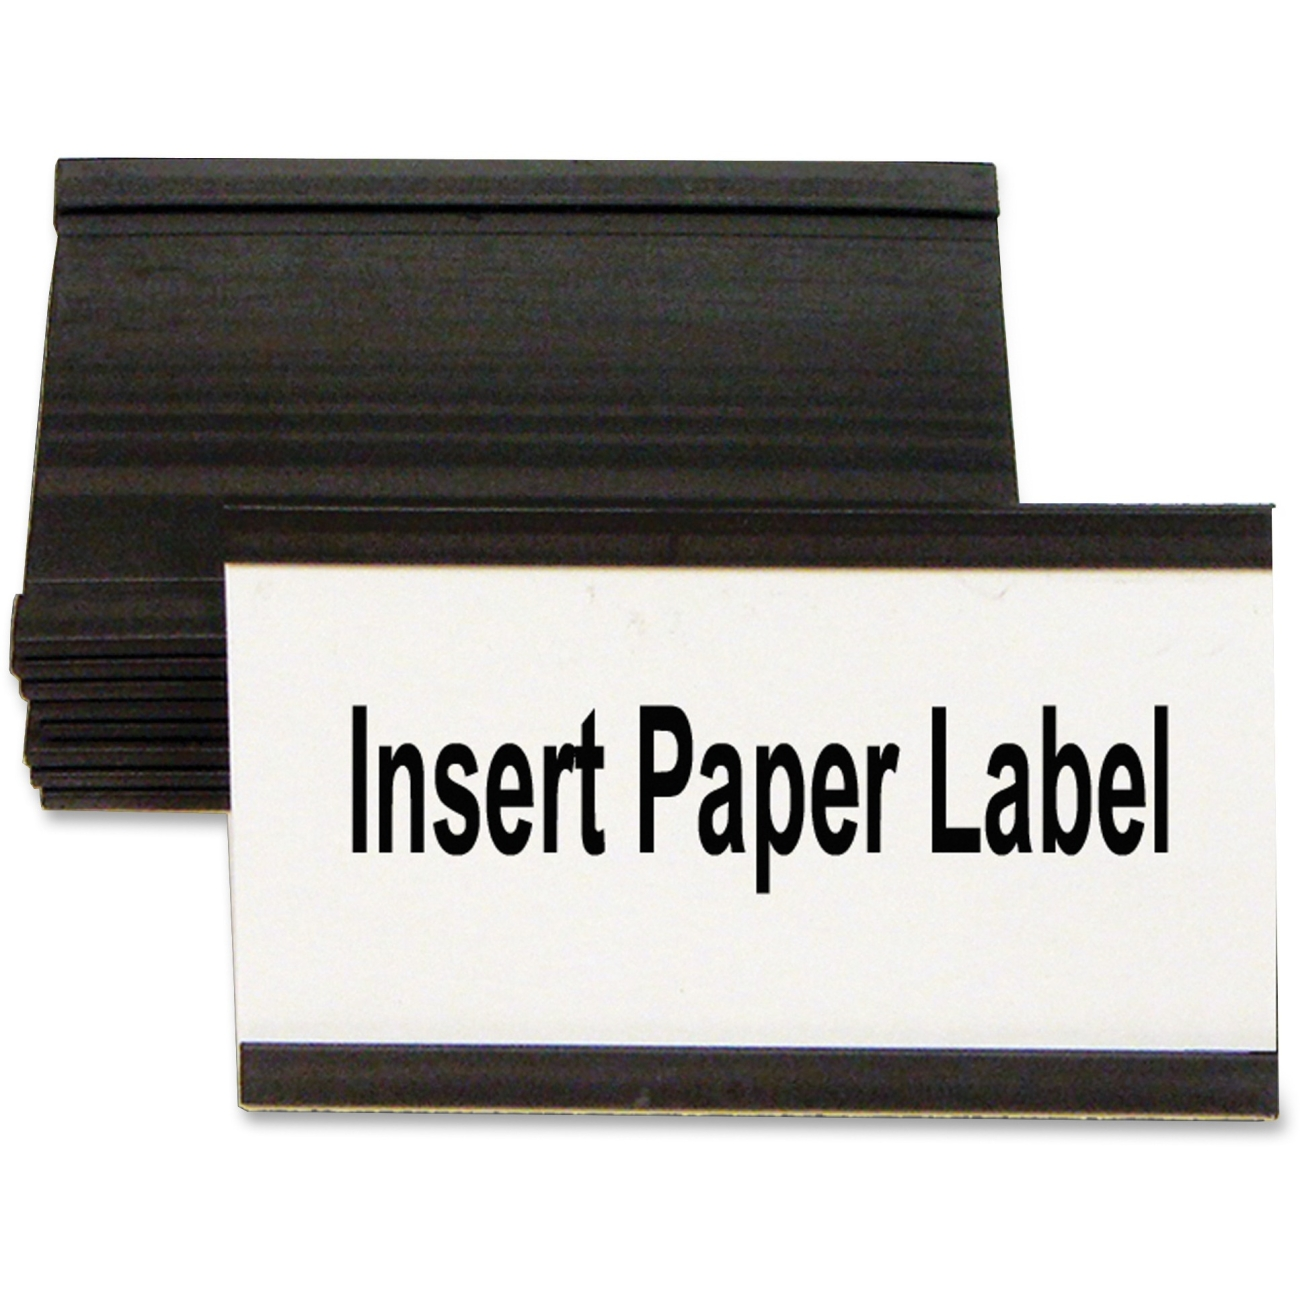 Custom paper clip holder